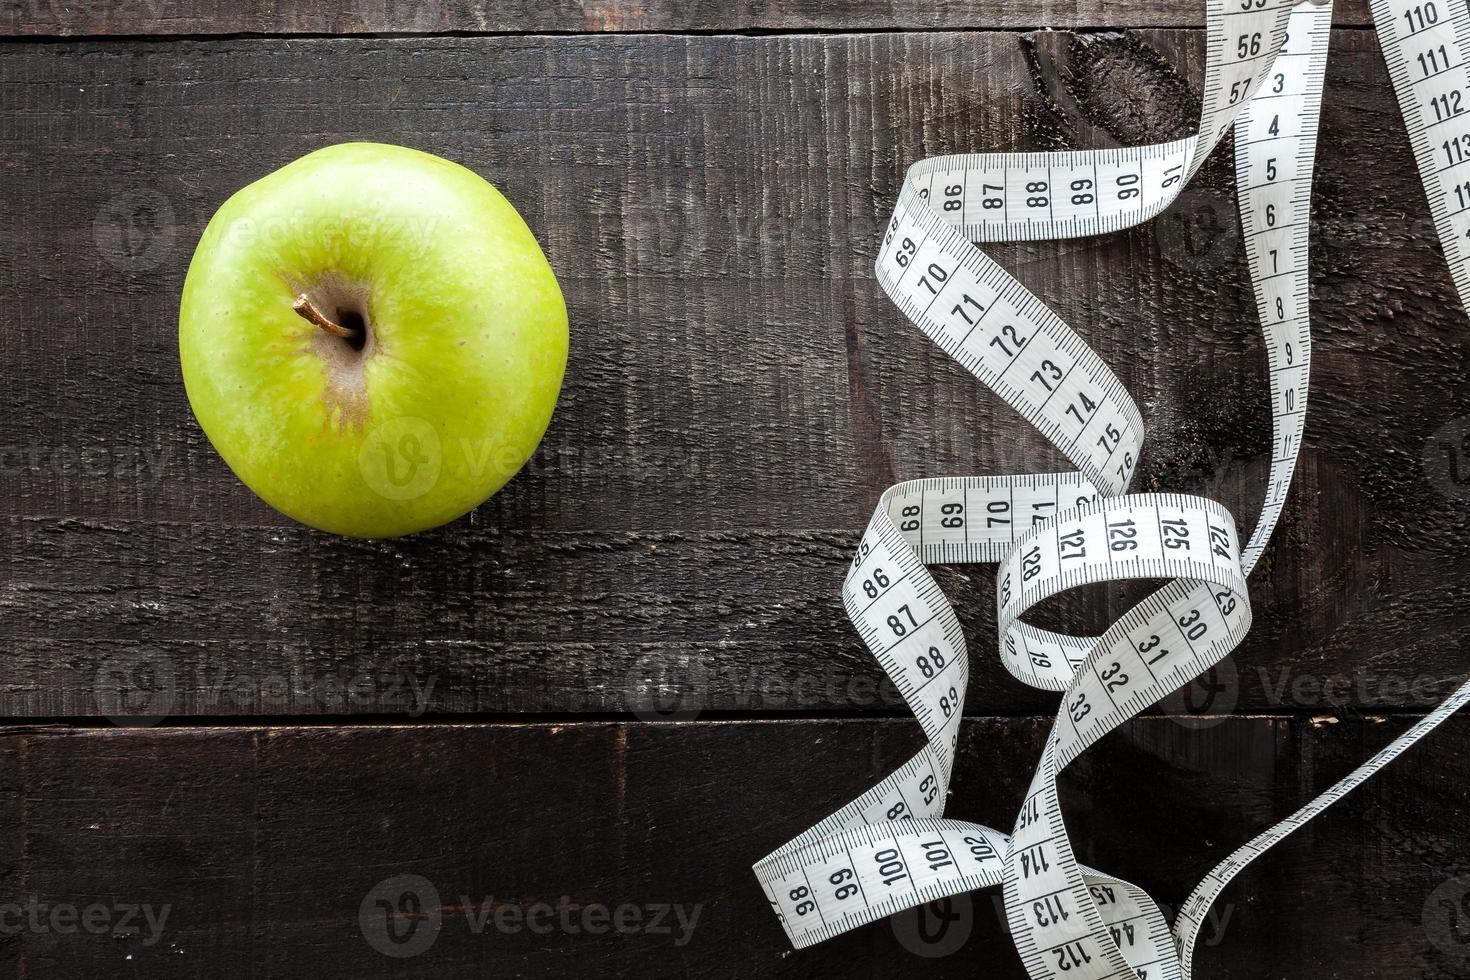 ett äpple omgiven av en måttbandskräddare på trä foto